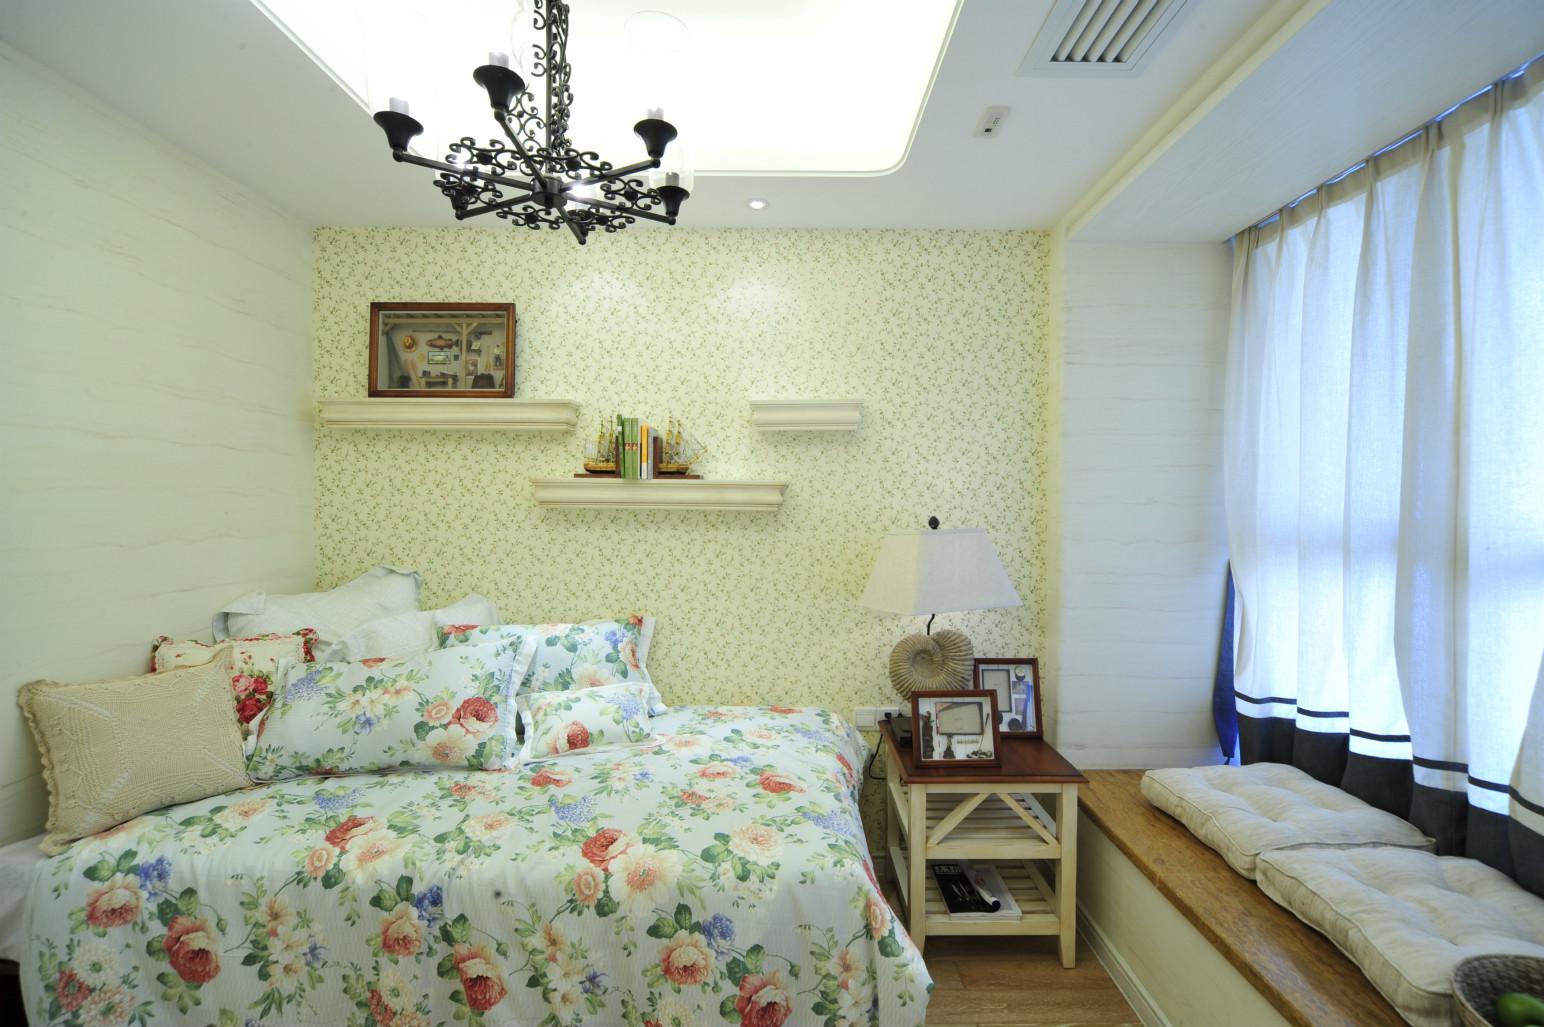 卧室原木的家具比较环保,床品还是挺有植物色彩的。